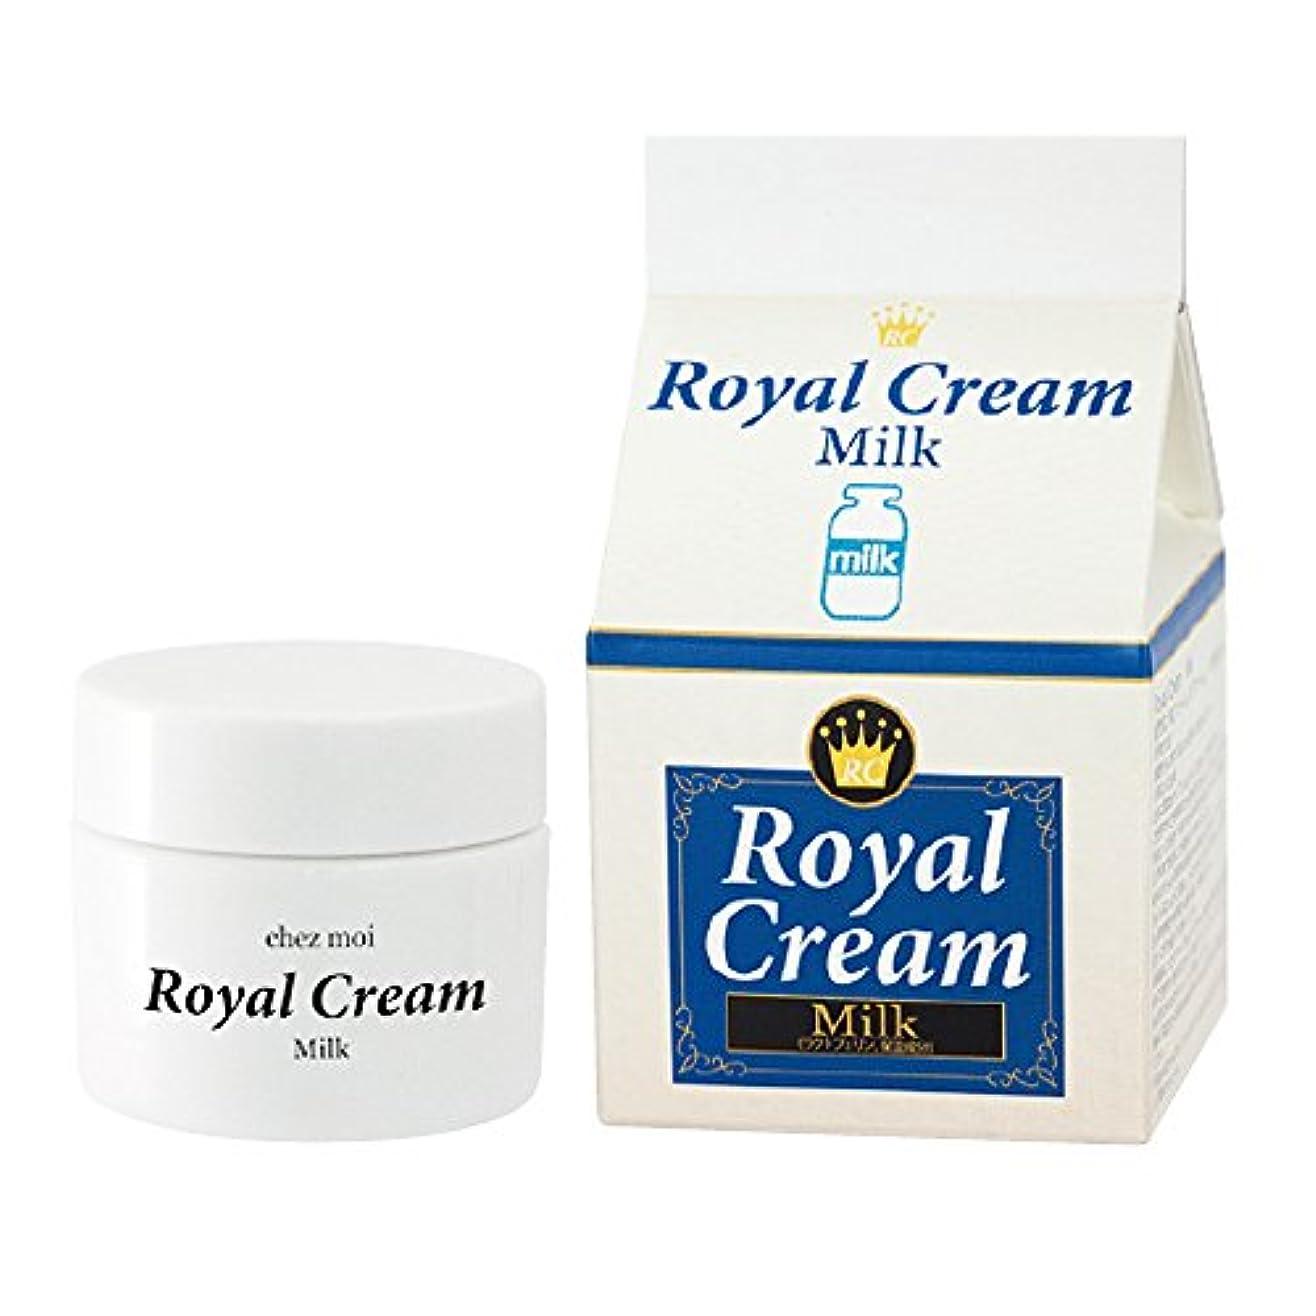 グリット油会話型シェモア Royal Cream(ロイヤルクリーム) Milk(ミルク) 30g